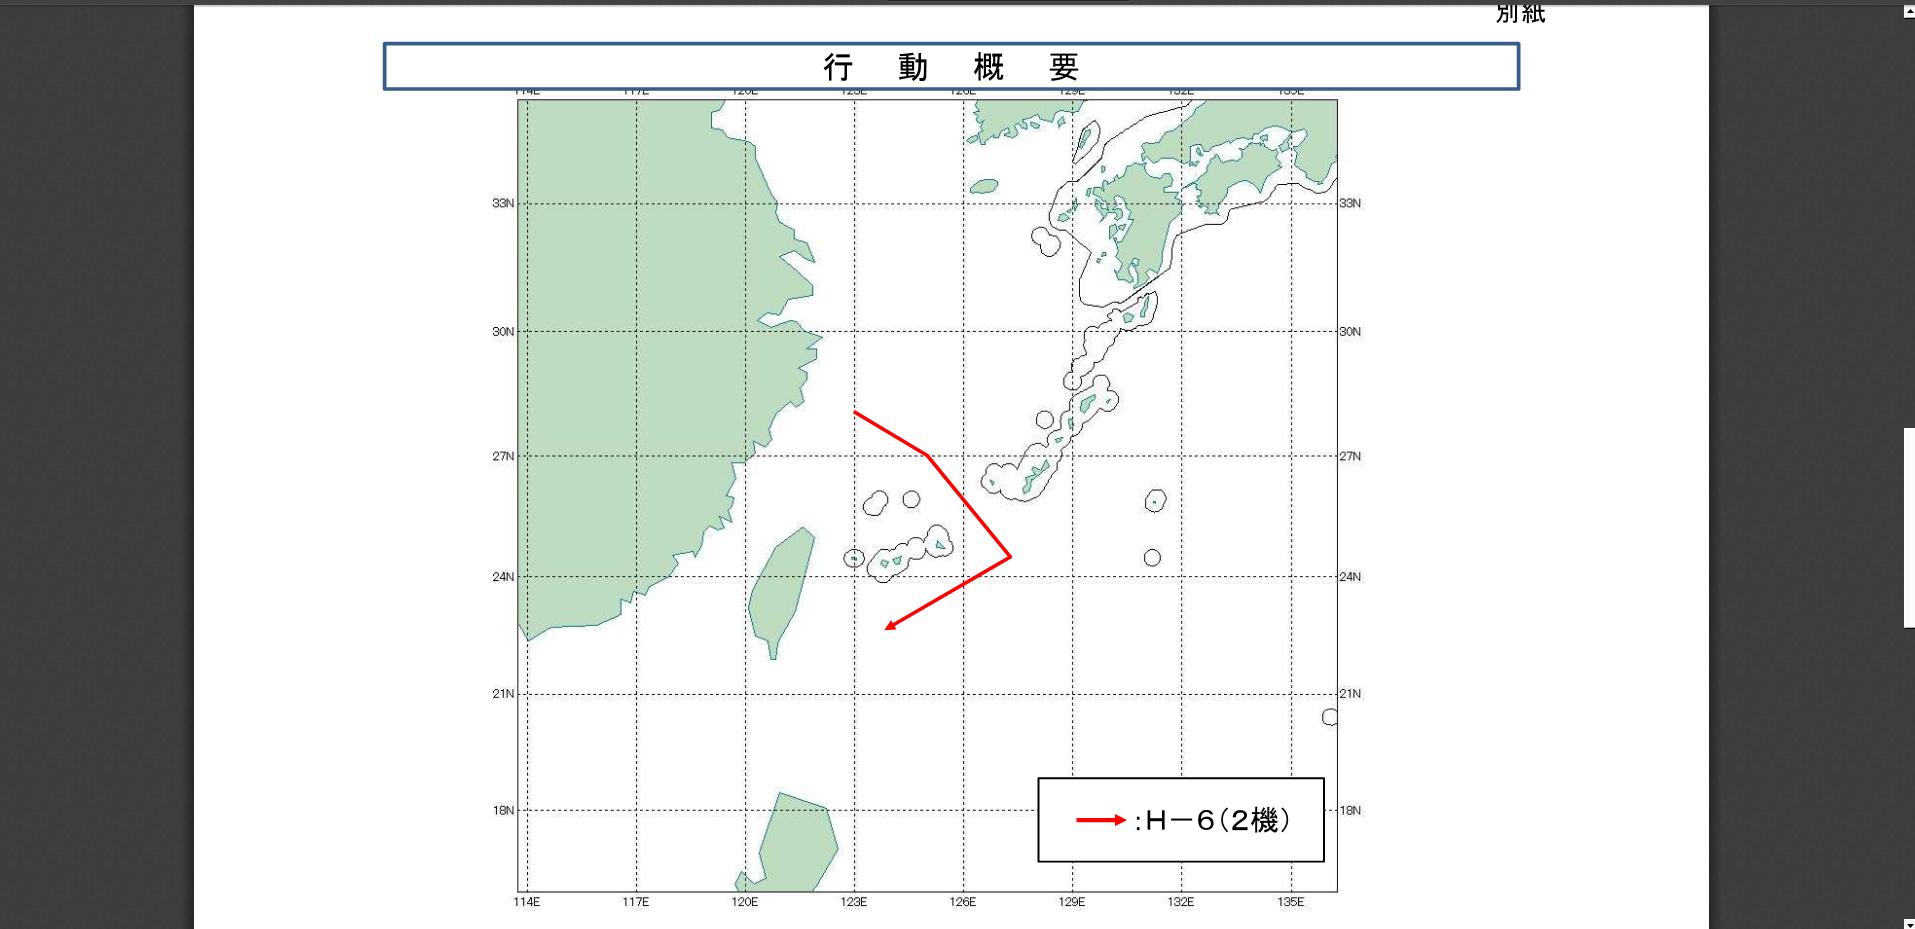 taiwanguofang.png